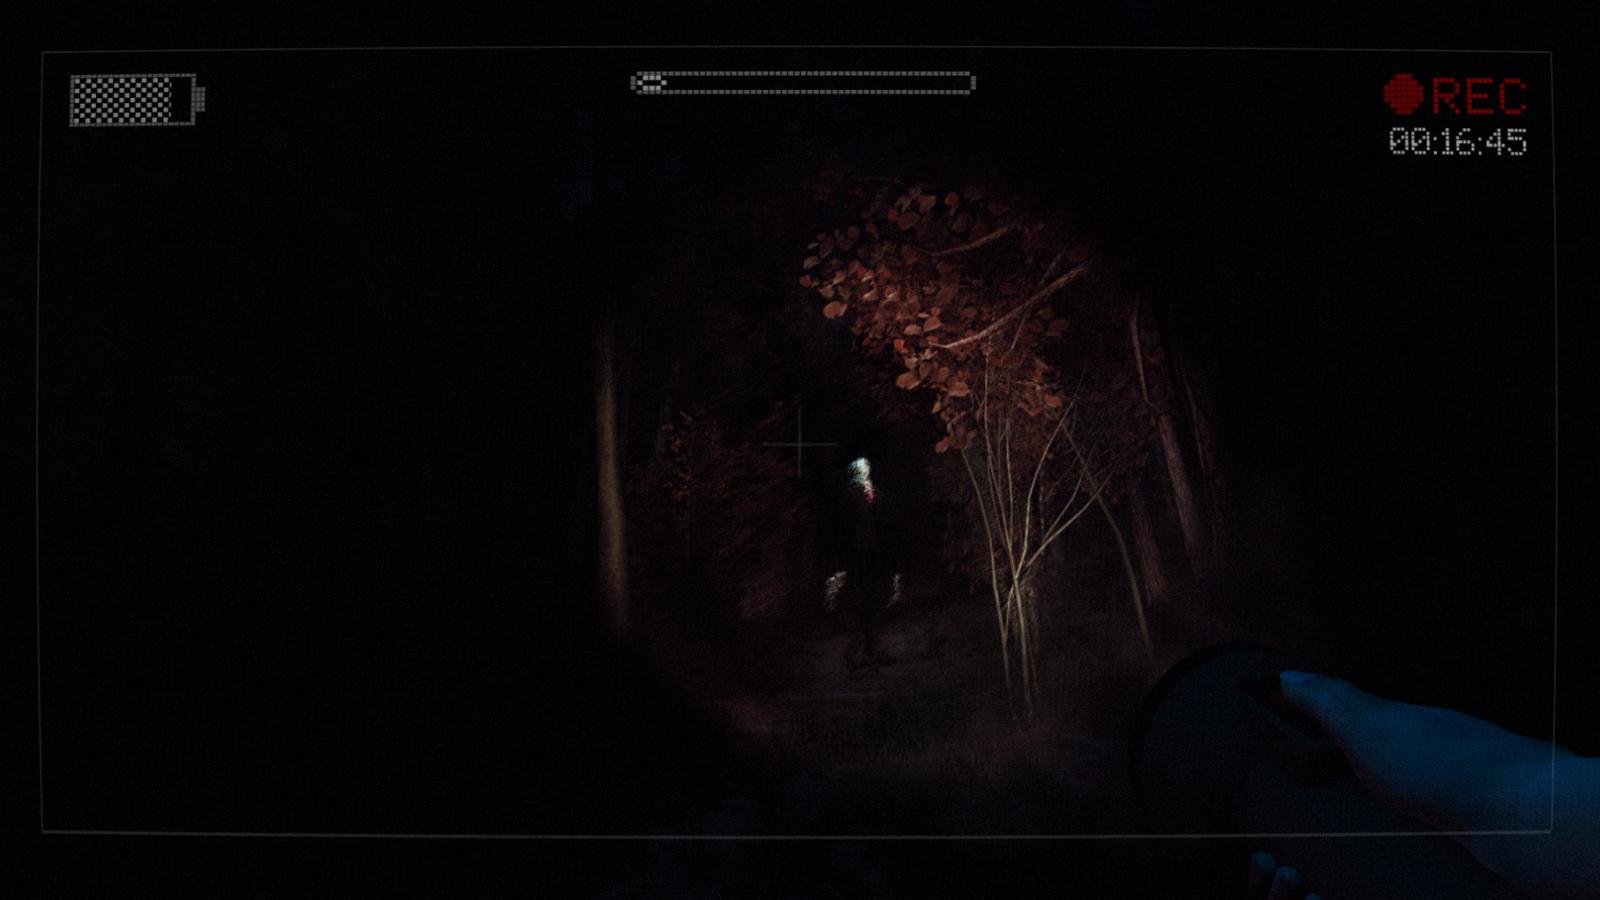 [MEGA Link] Slender : The Arrival (Crack Version)